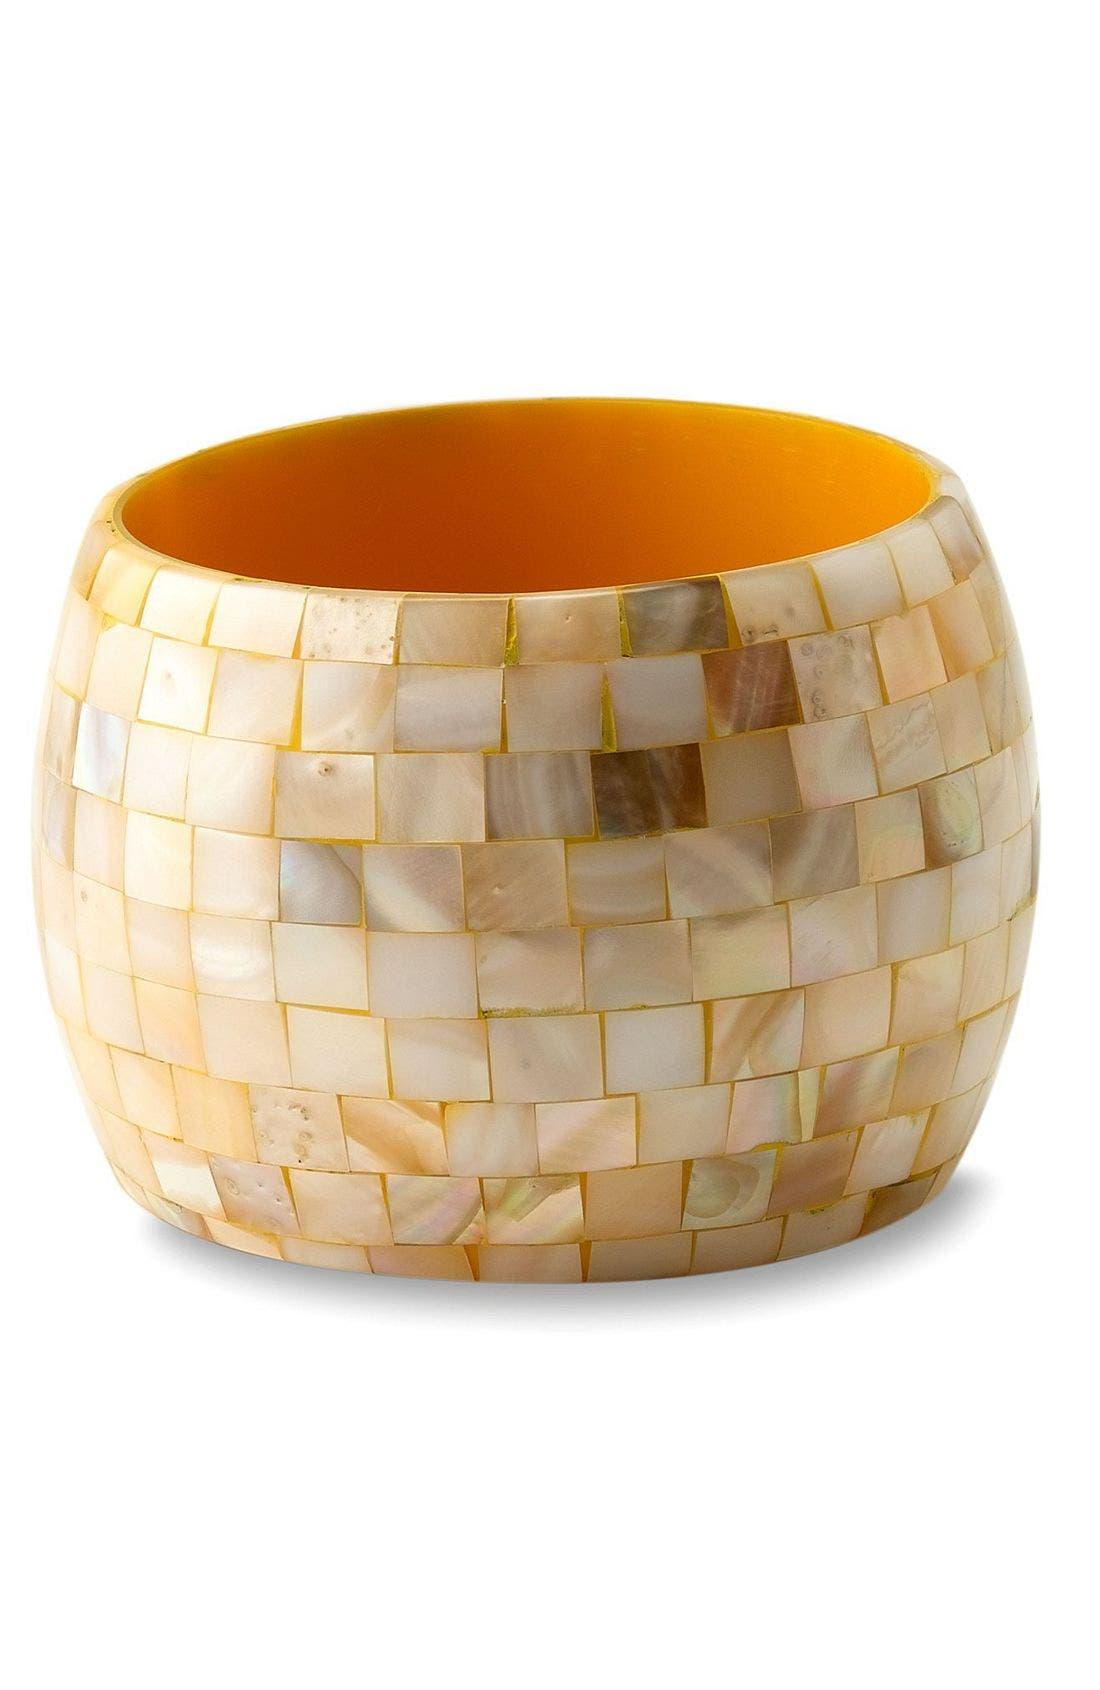 Alternate Image 1 Selected - Tasha Wide Mosaic Bangle Bracelet